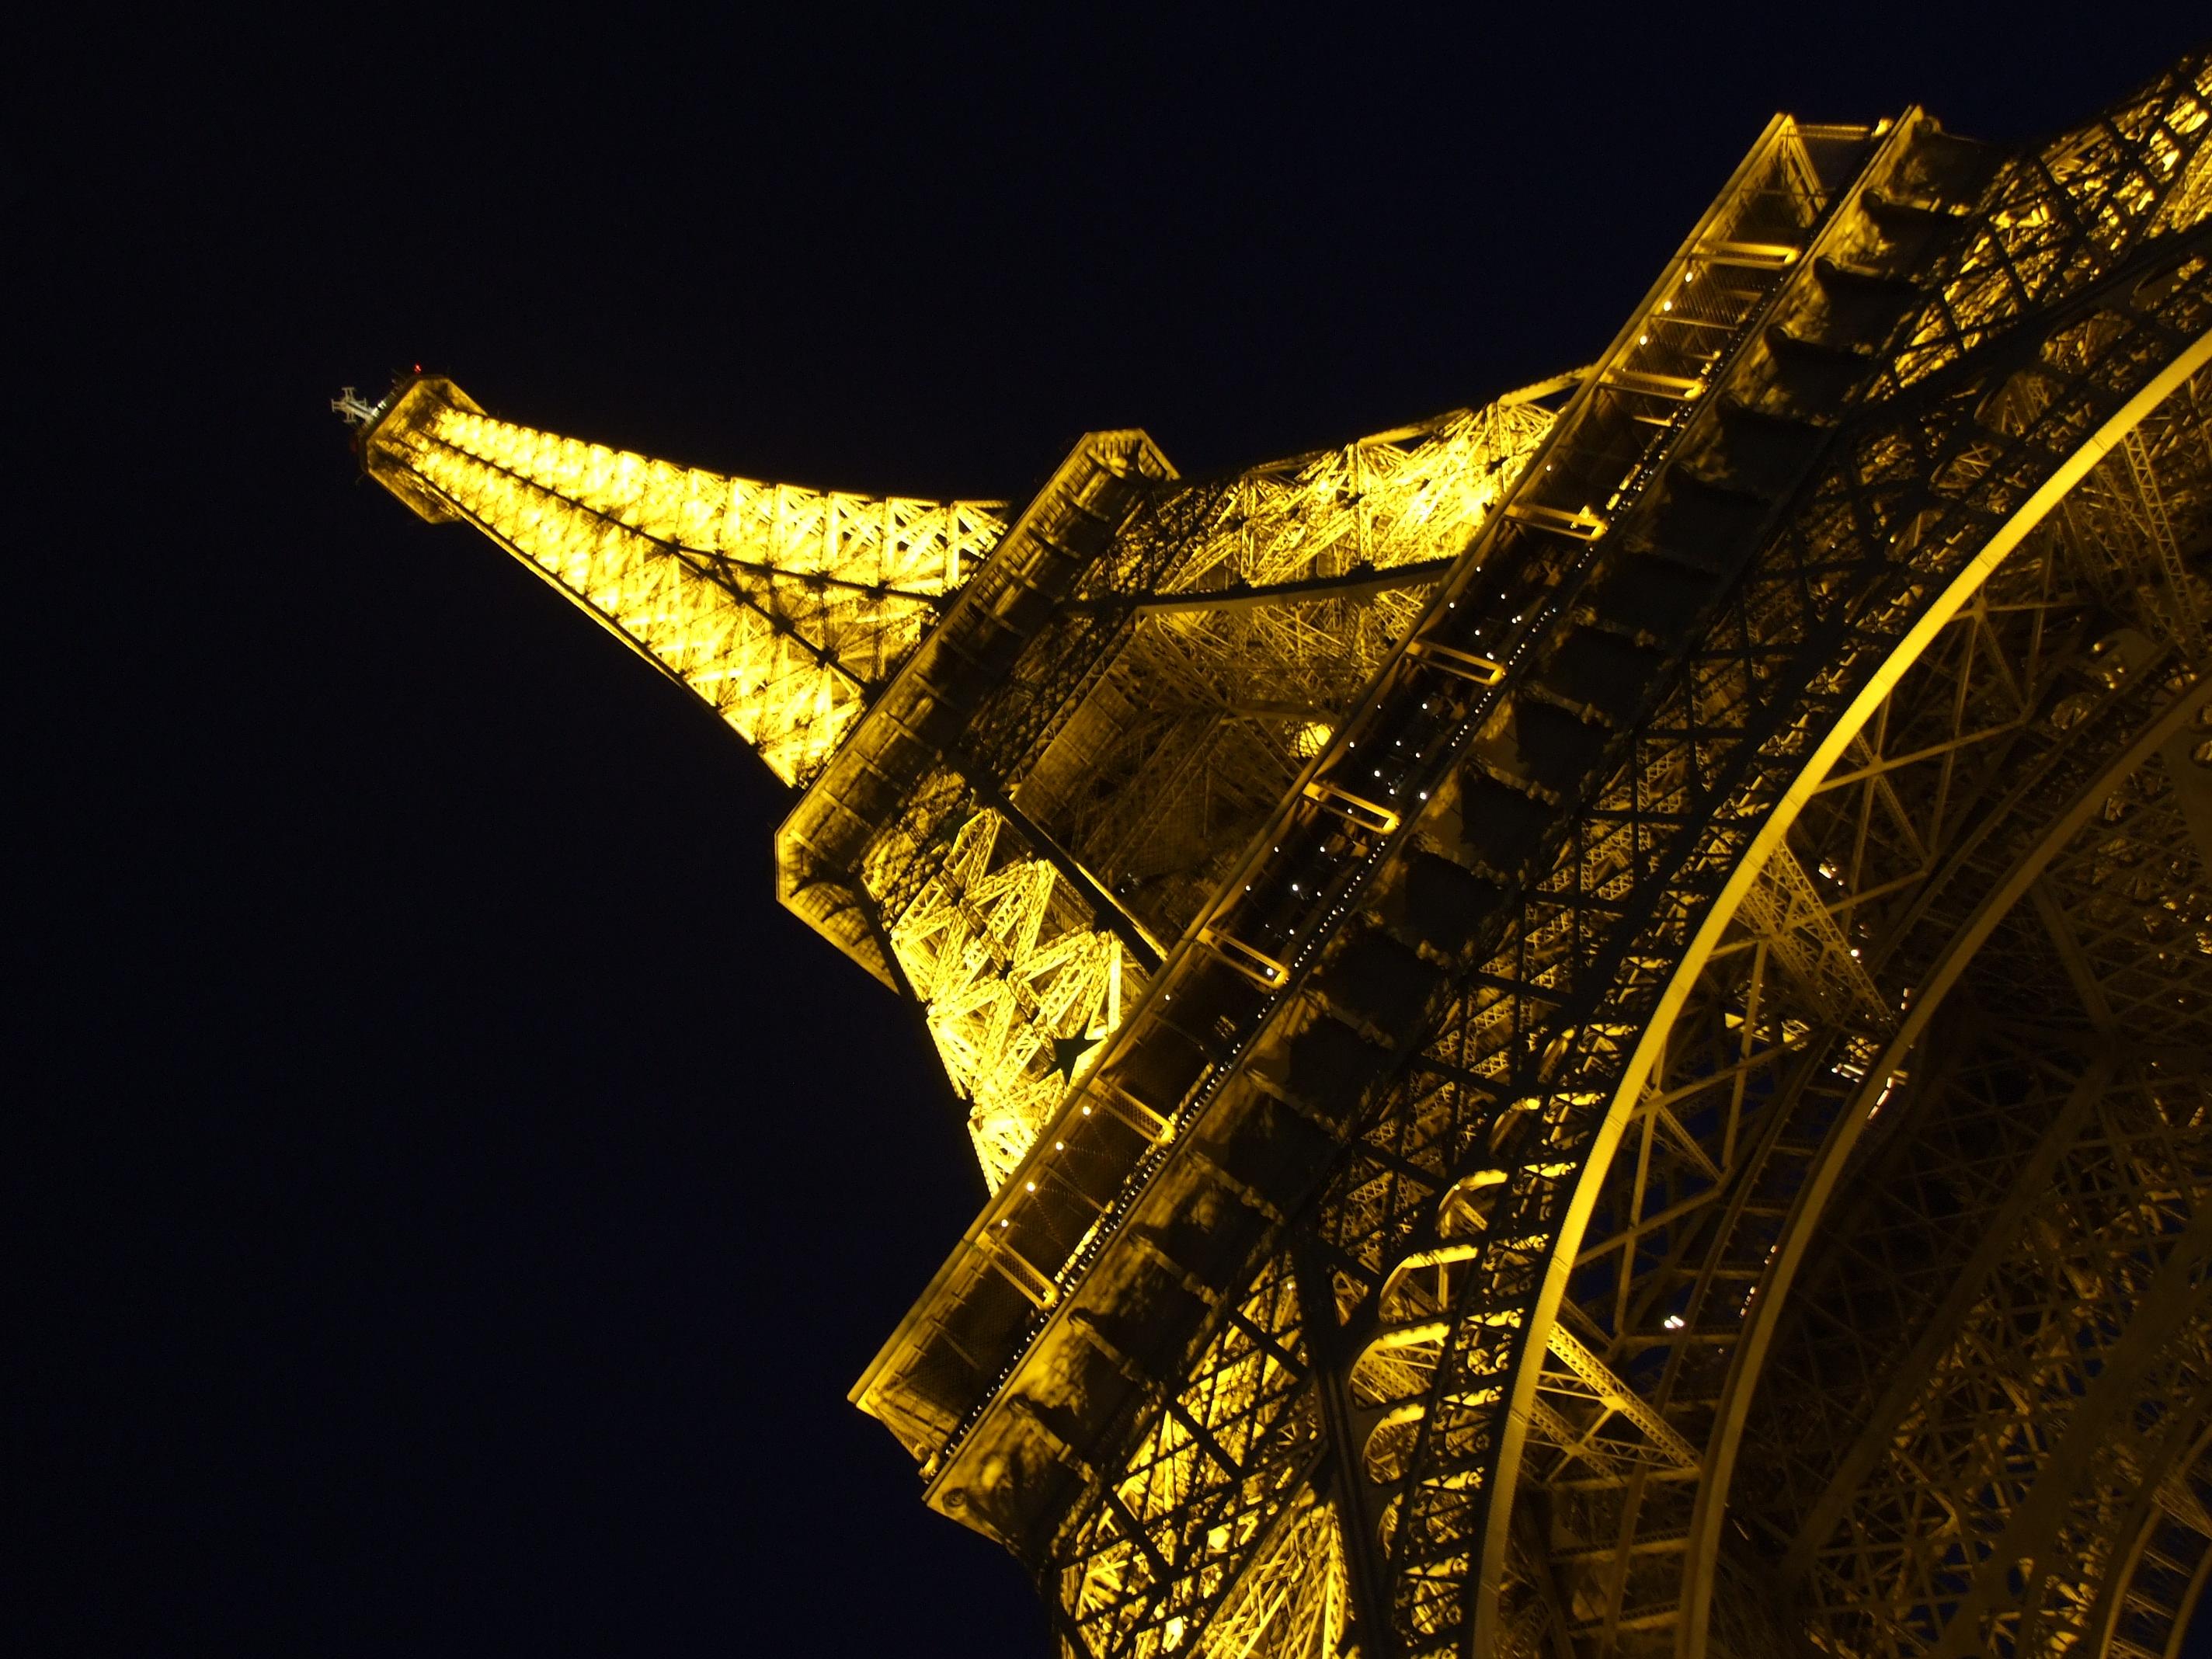 париж эйфелева башня высота Paris Eiffel tower height бесплатно